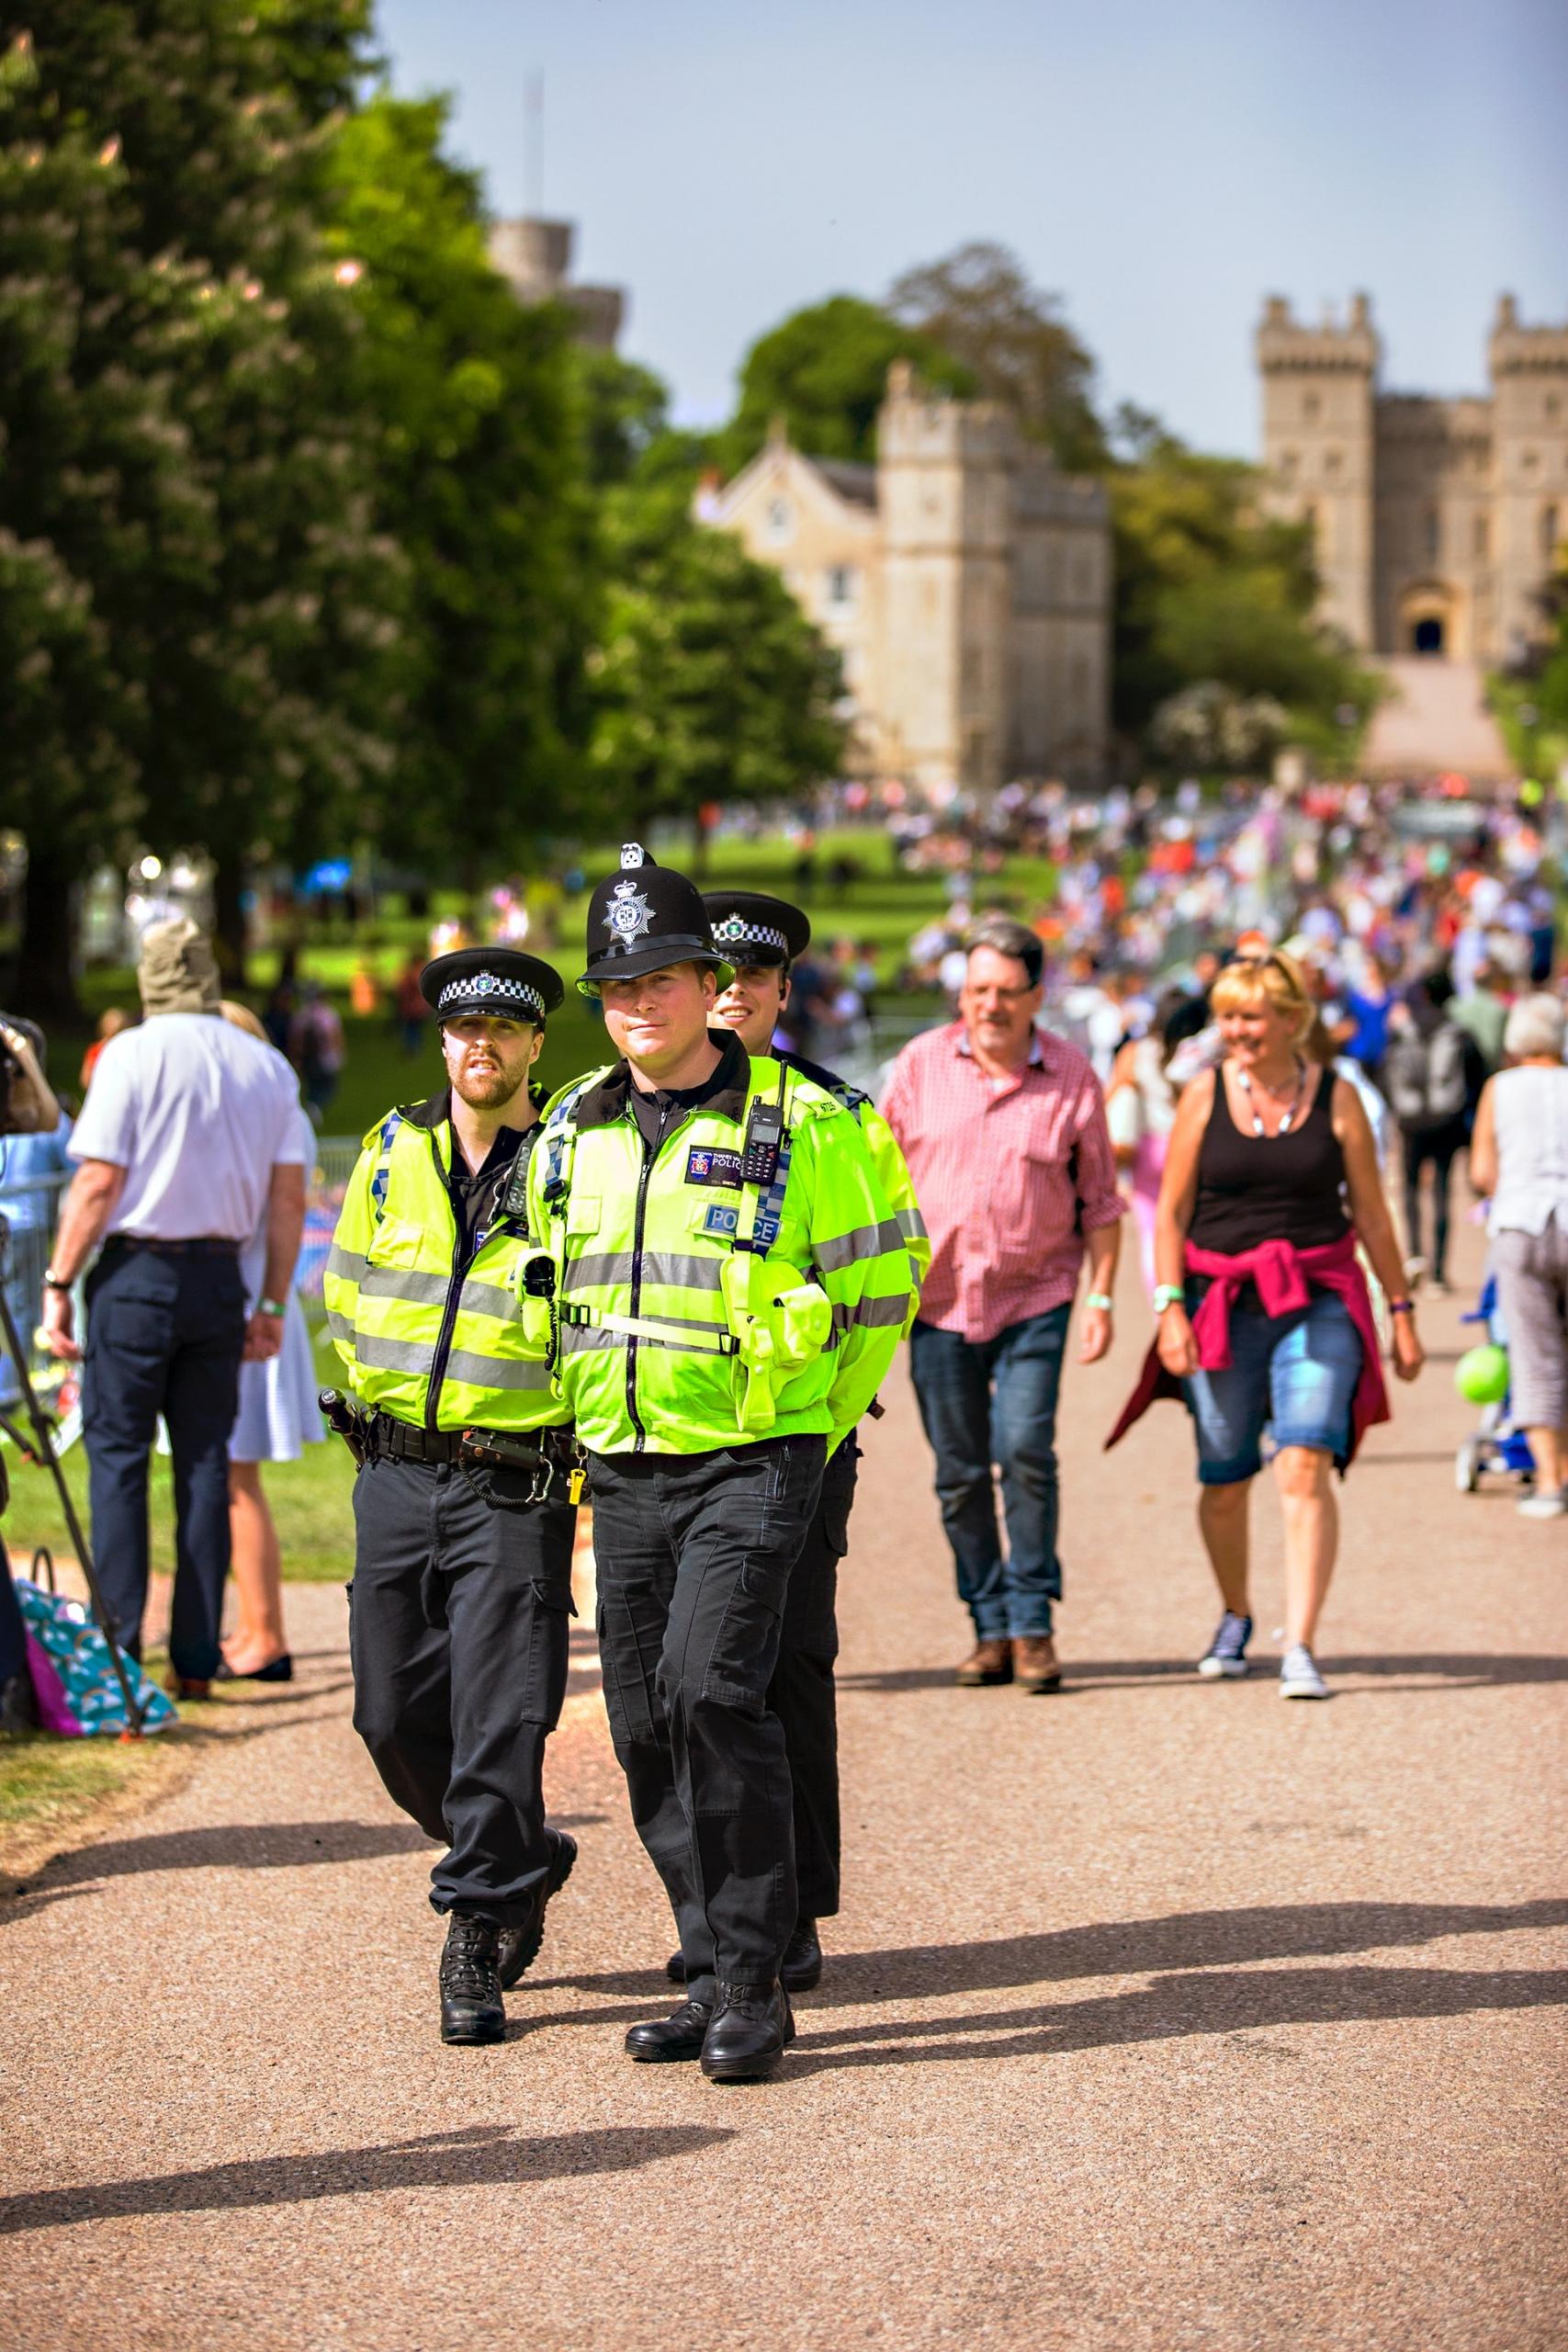 photo of UK police